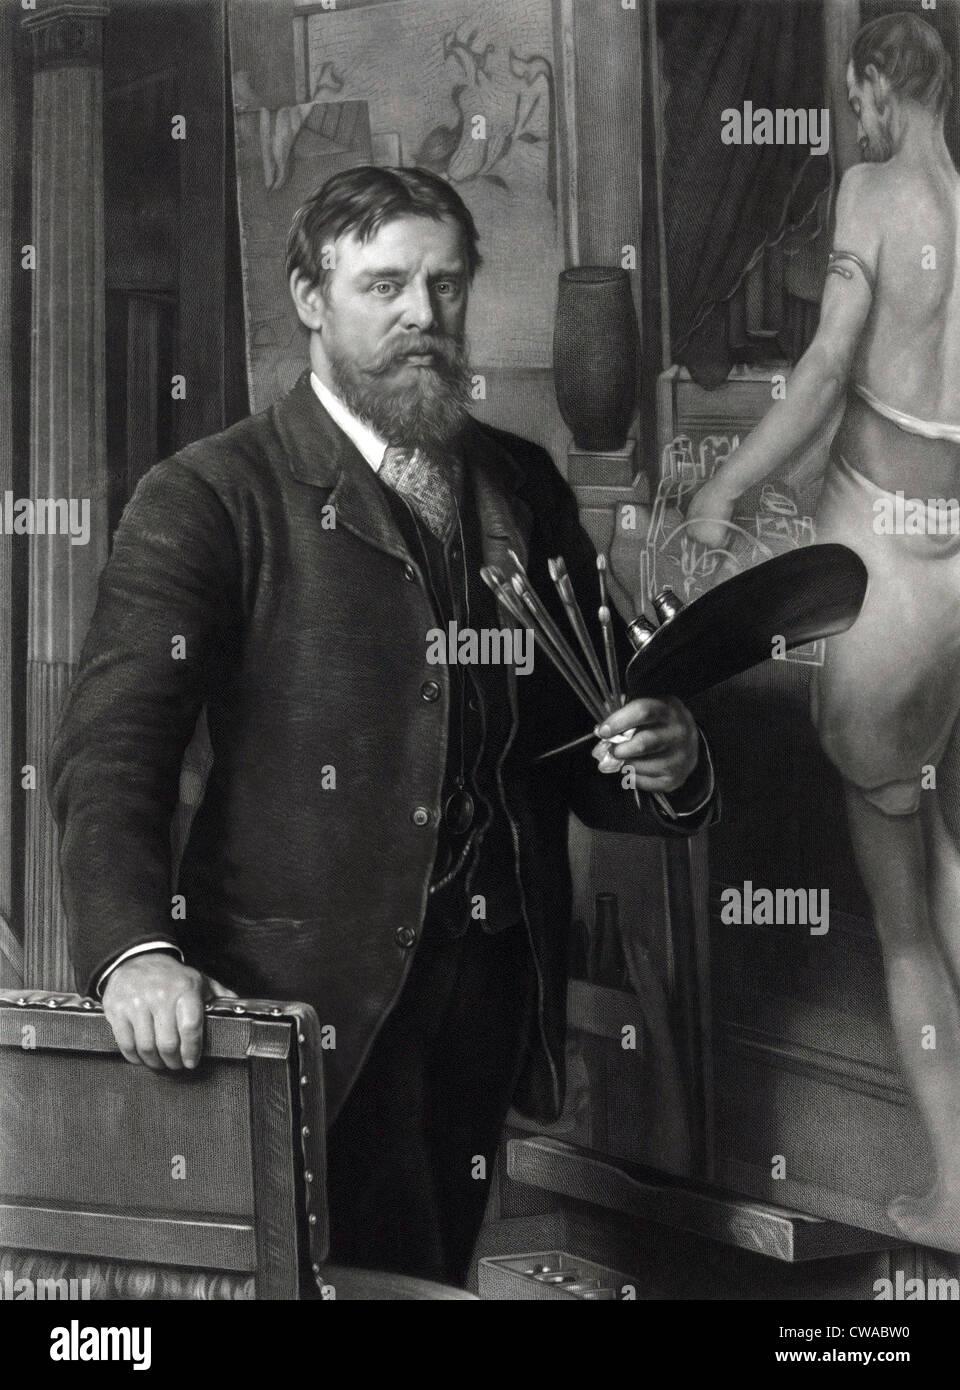 Sir Lawrence Alma-Tadema (1836-1912), nel suo studio. Dipinge scene realistiche di storia antica, con un dettaglio Immagini Stock